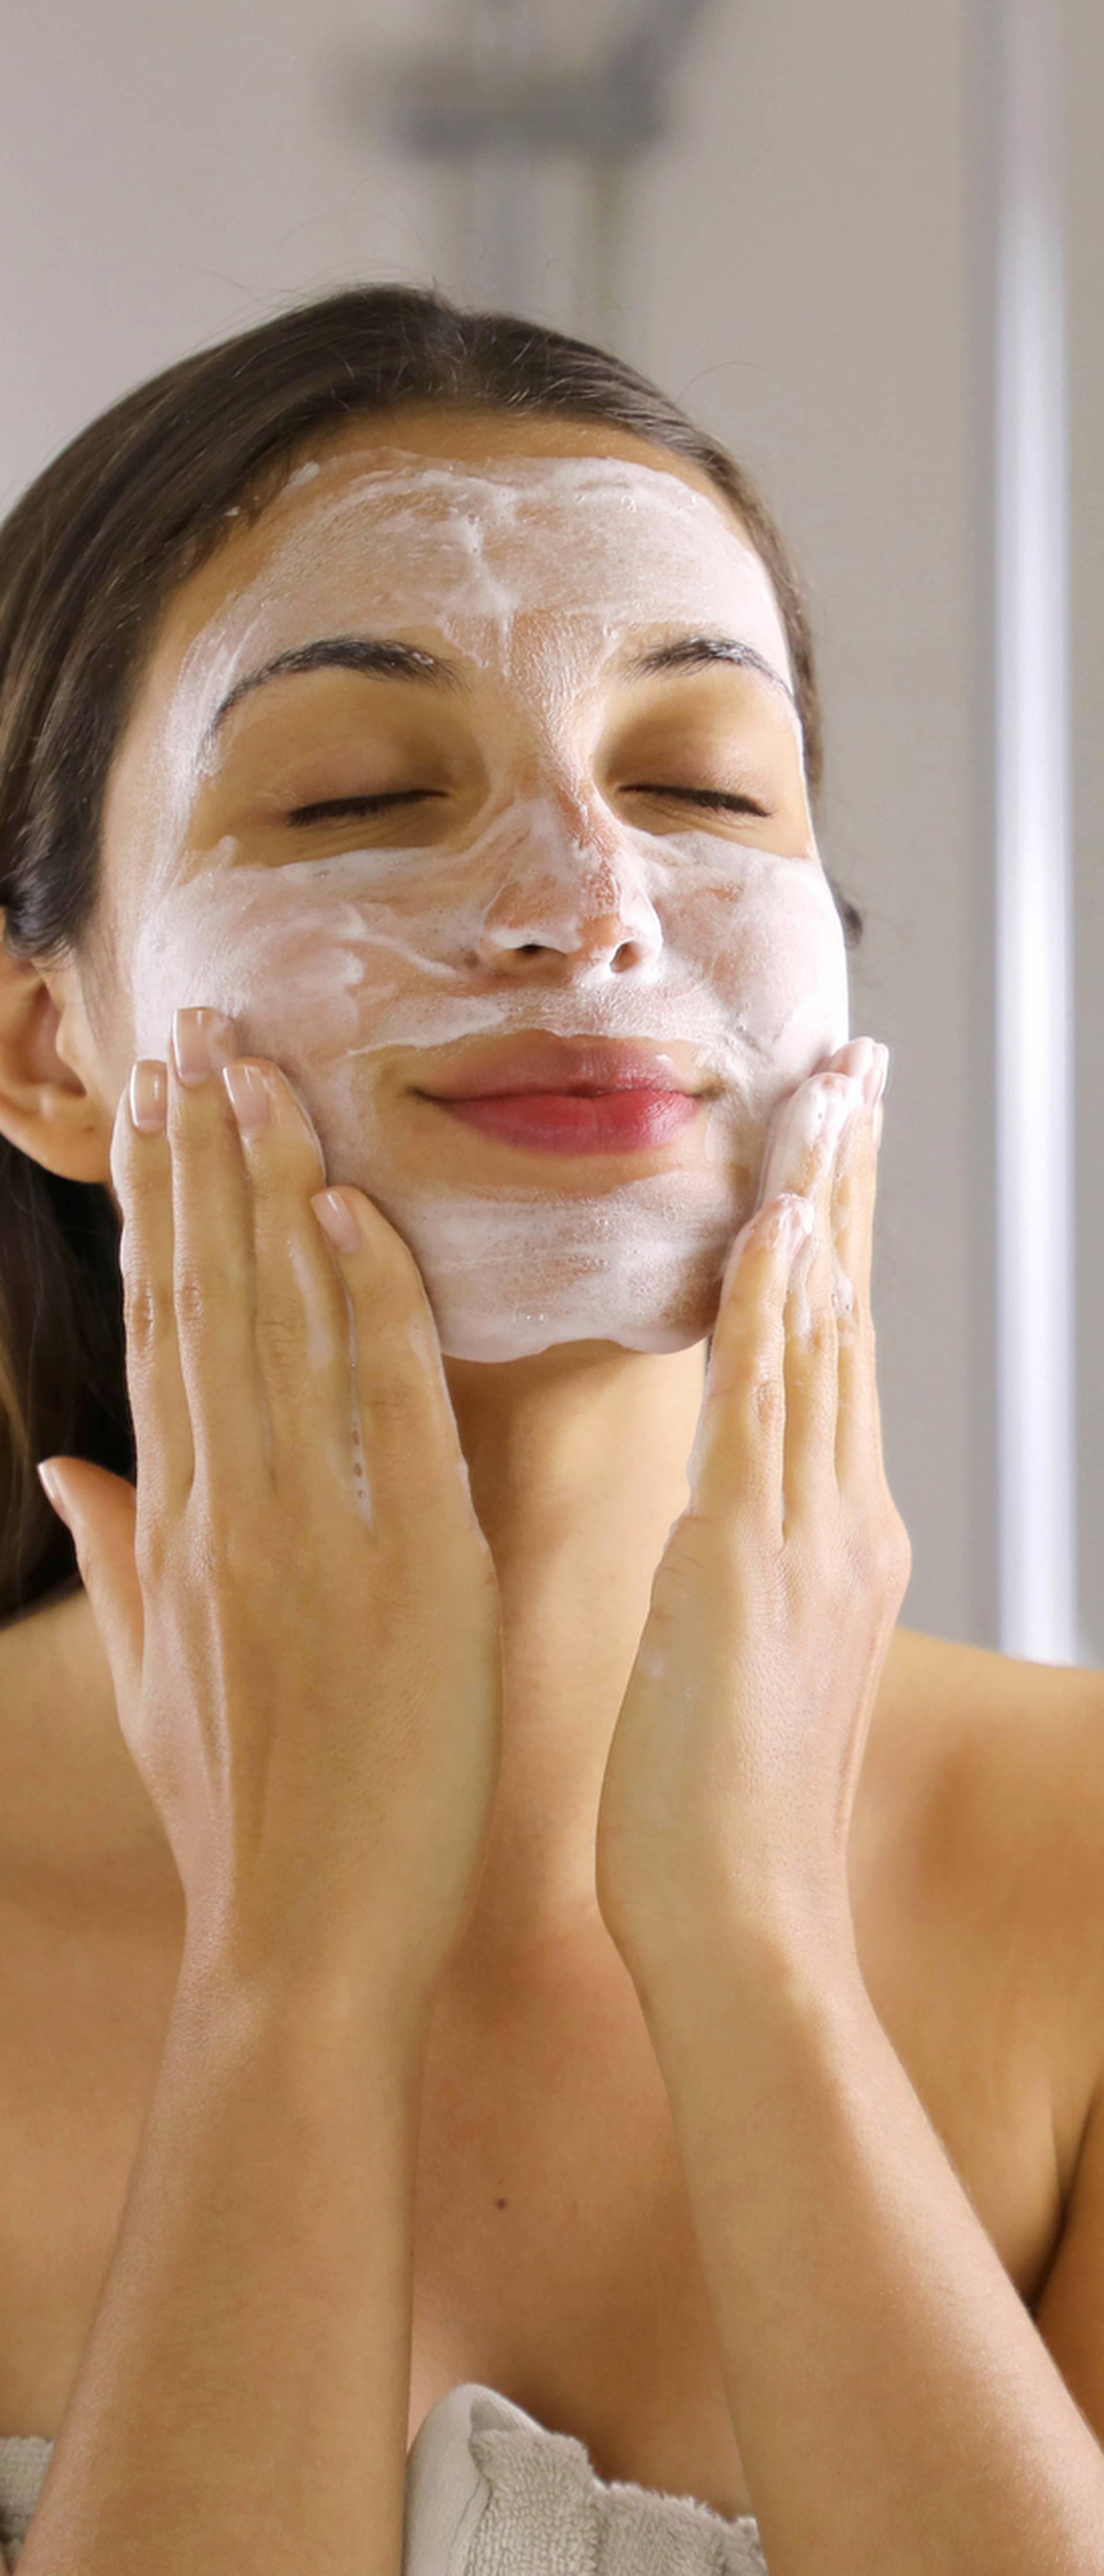 Nakon mora i ljeta koži treba piling da bi zdravo izgledala